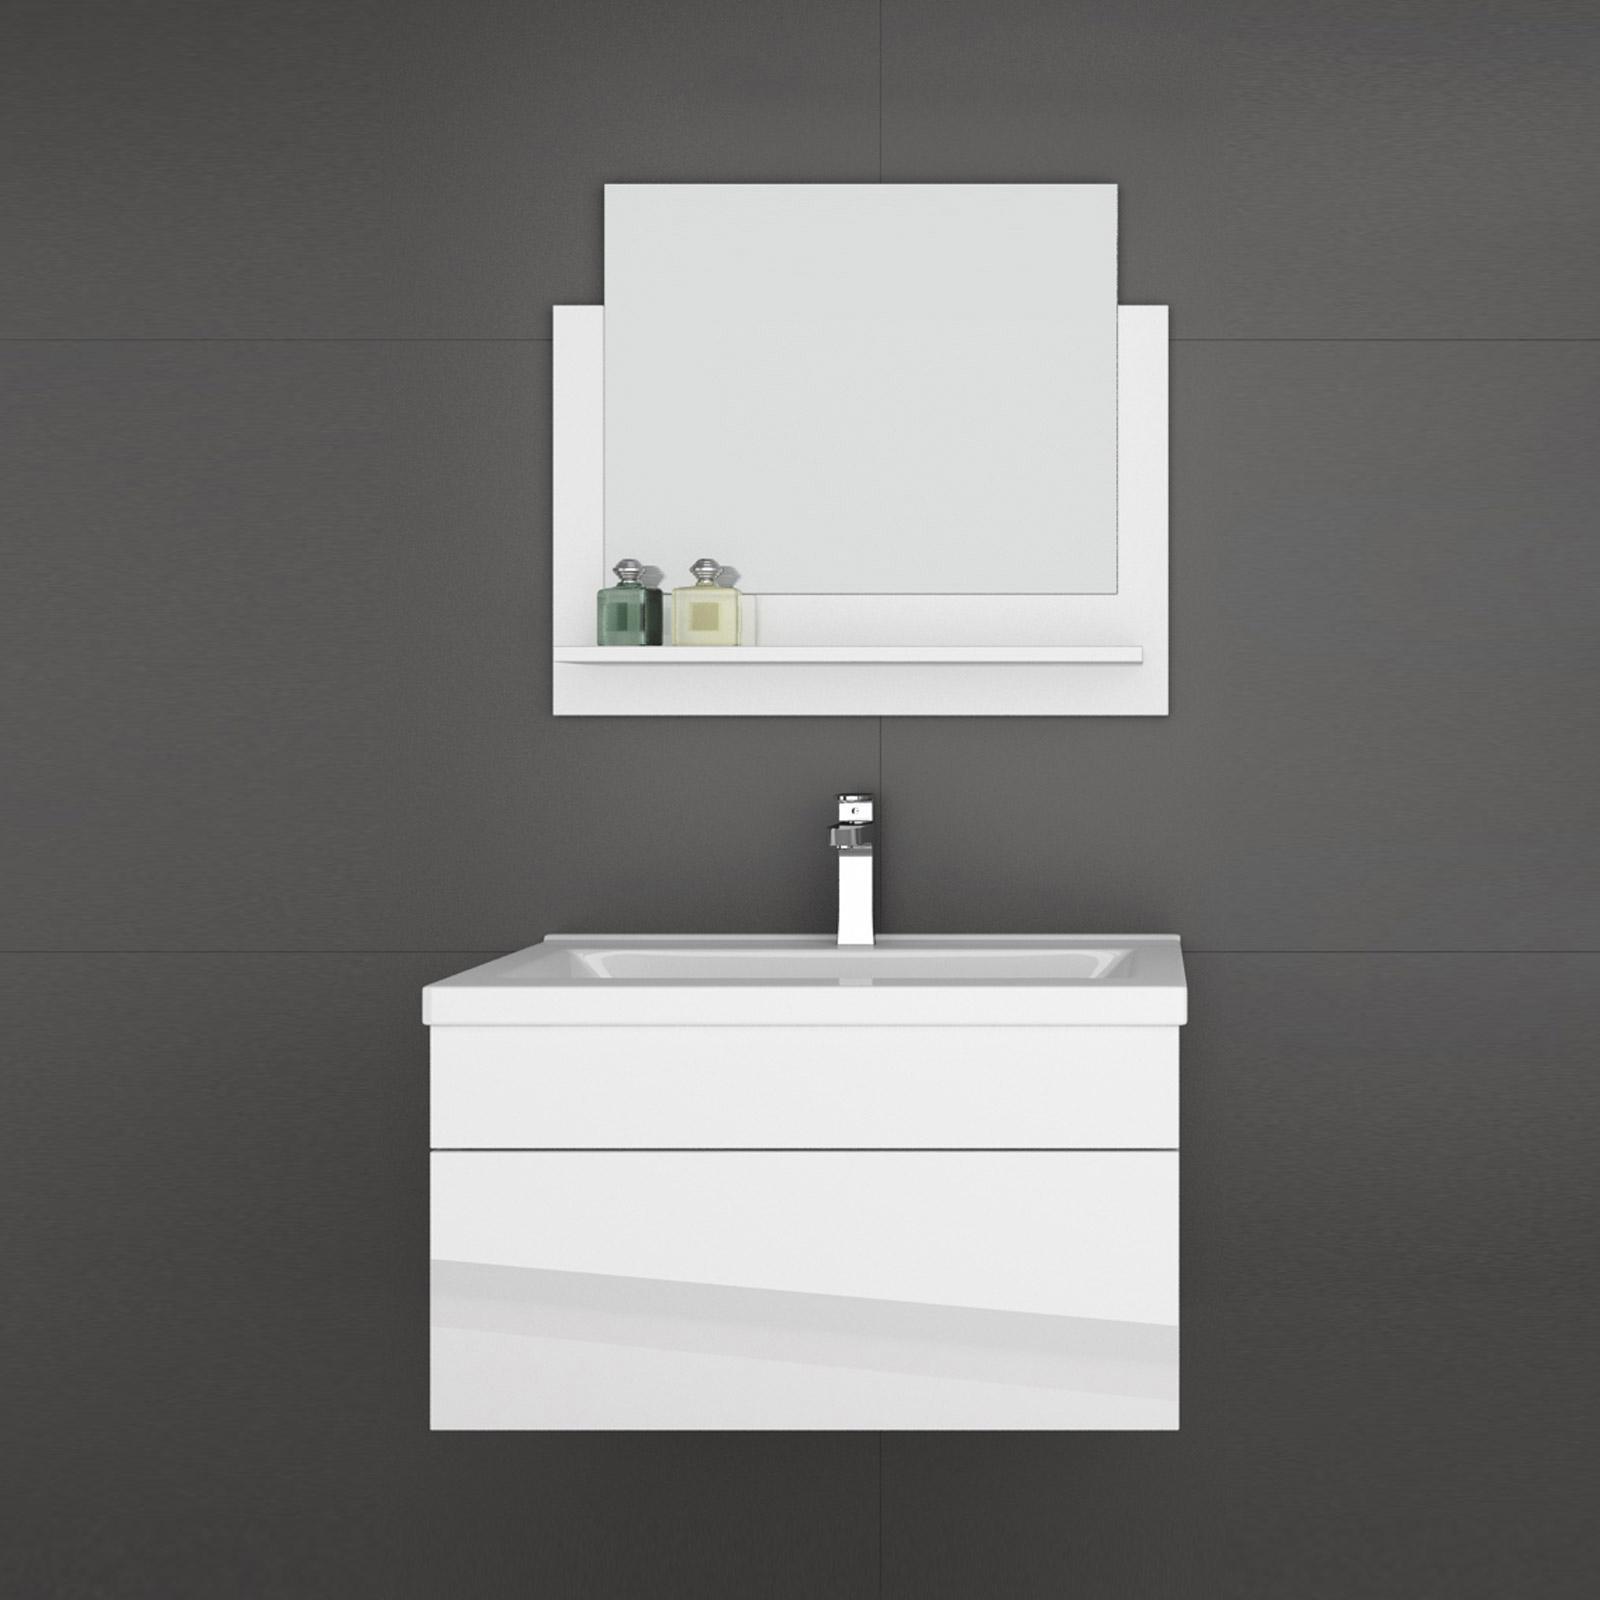 3 Teiliges Waschplatz Badmobel Set Hochglanz Weiss Kindermobel Und Vieles Mehr Aileenstore De